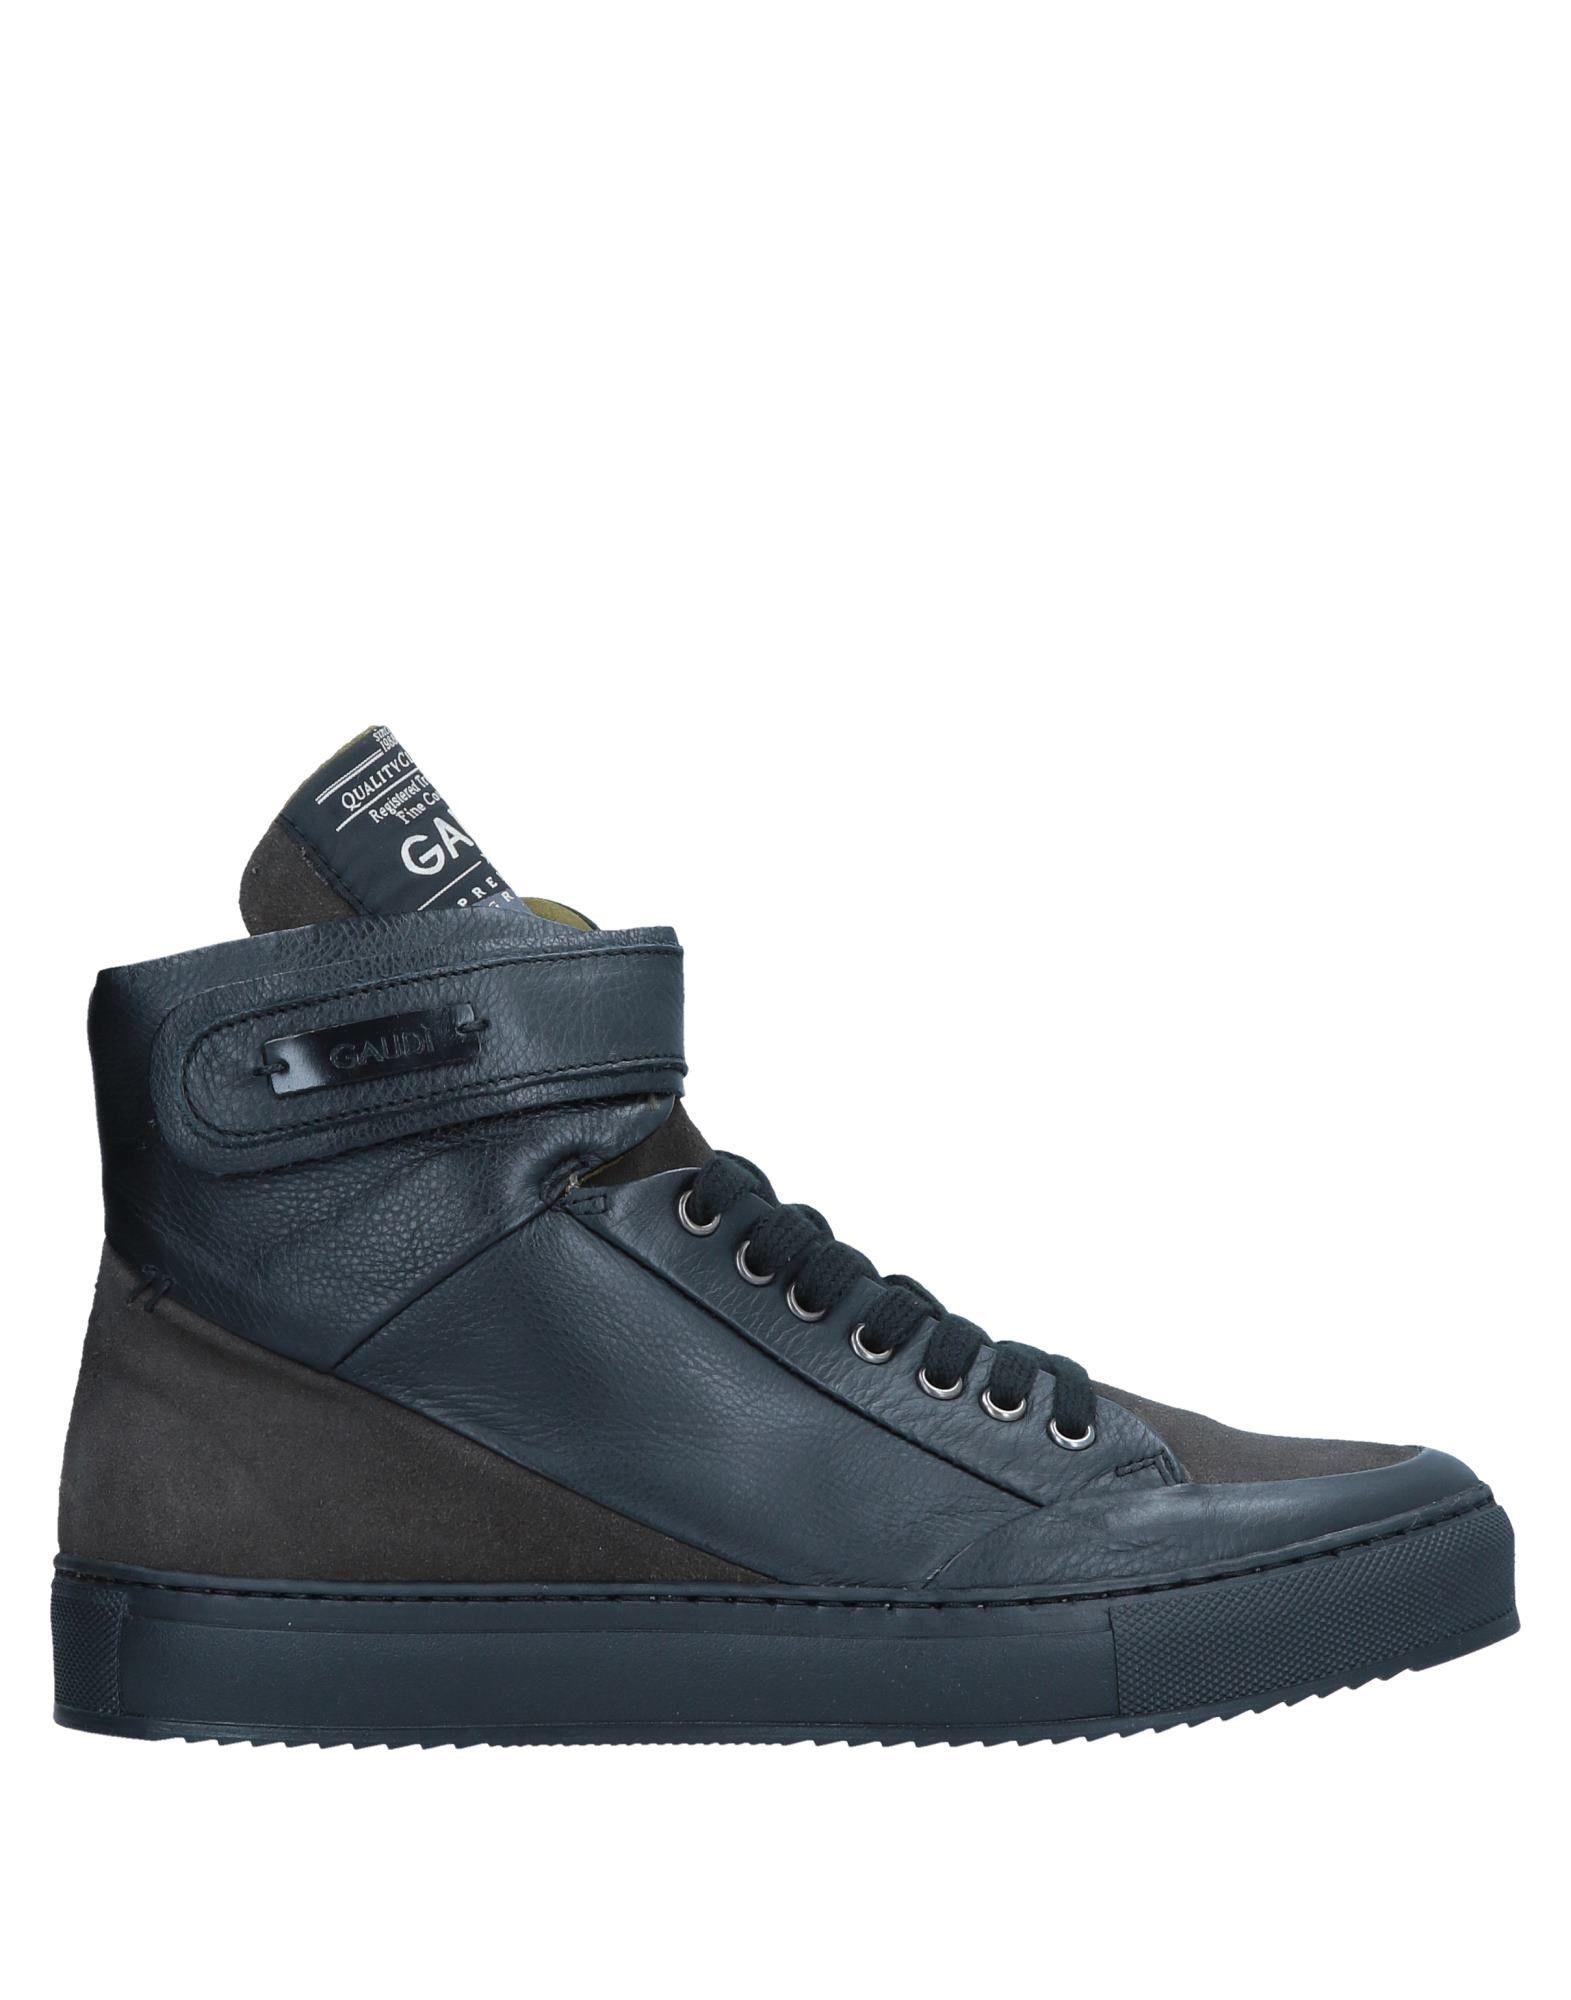 Gaudì Sneakers online - Men Gaudì Sneakers online Sneakers on  Australia - 11555774BR 5f7f3a